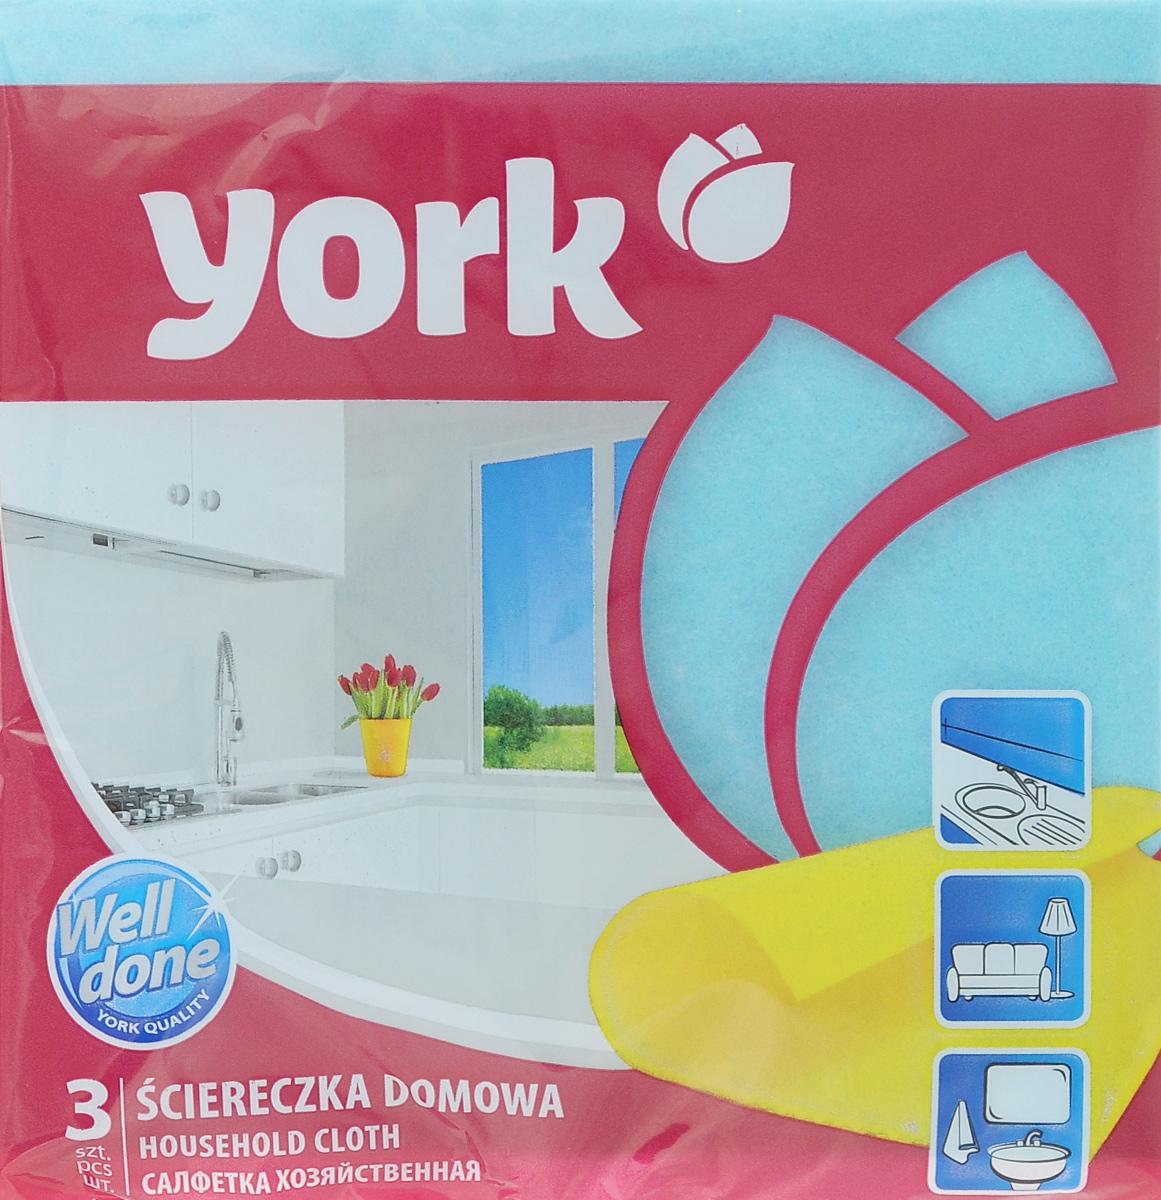 Салфетка хозяйственная York, цвет: голубой, 35 х 35 см, 3 шт2001_голубойСалфетка York, изготовленная из полипропиленового волокна и вискозы, предназначена для очищения загрязнений на любых поверхностях. Изделие обладает высокой износоустойчивостью и рассчитано на многократное использование, легко моется в теплой воде с мягкими чистящими средствами. Салфетка не оставляет разводов и ворсинок, удаляет большинство жирных и маслянистых загрязнений без использования химических средств.